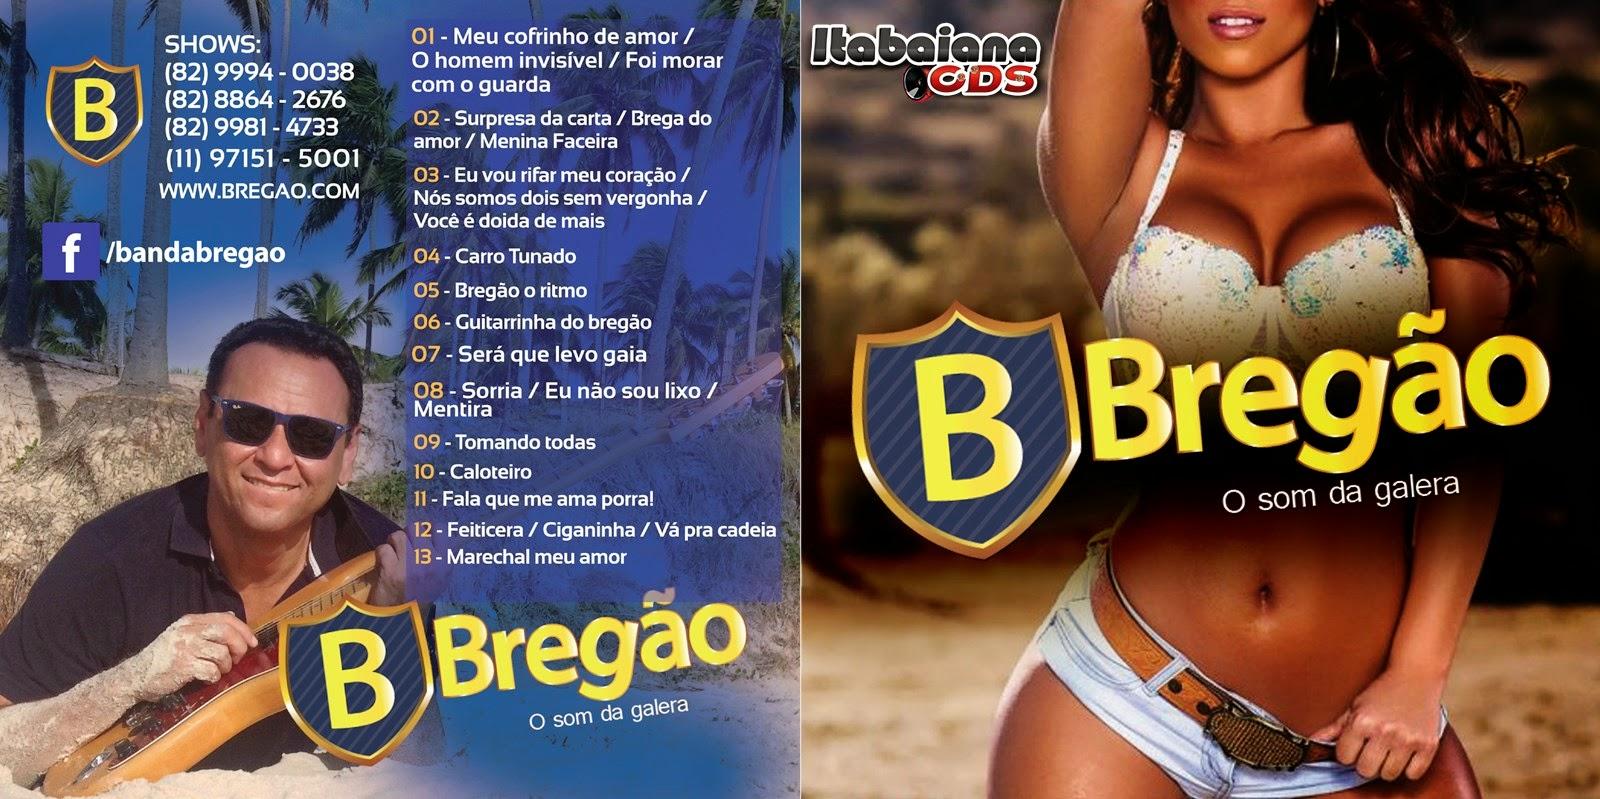 Bregão - Promocional